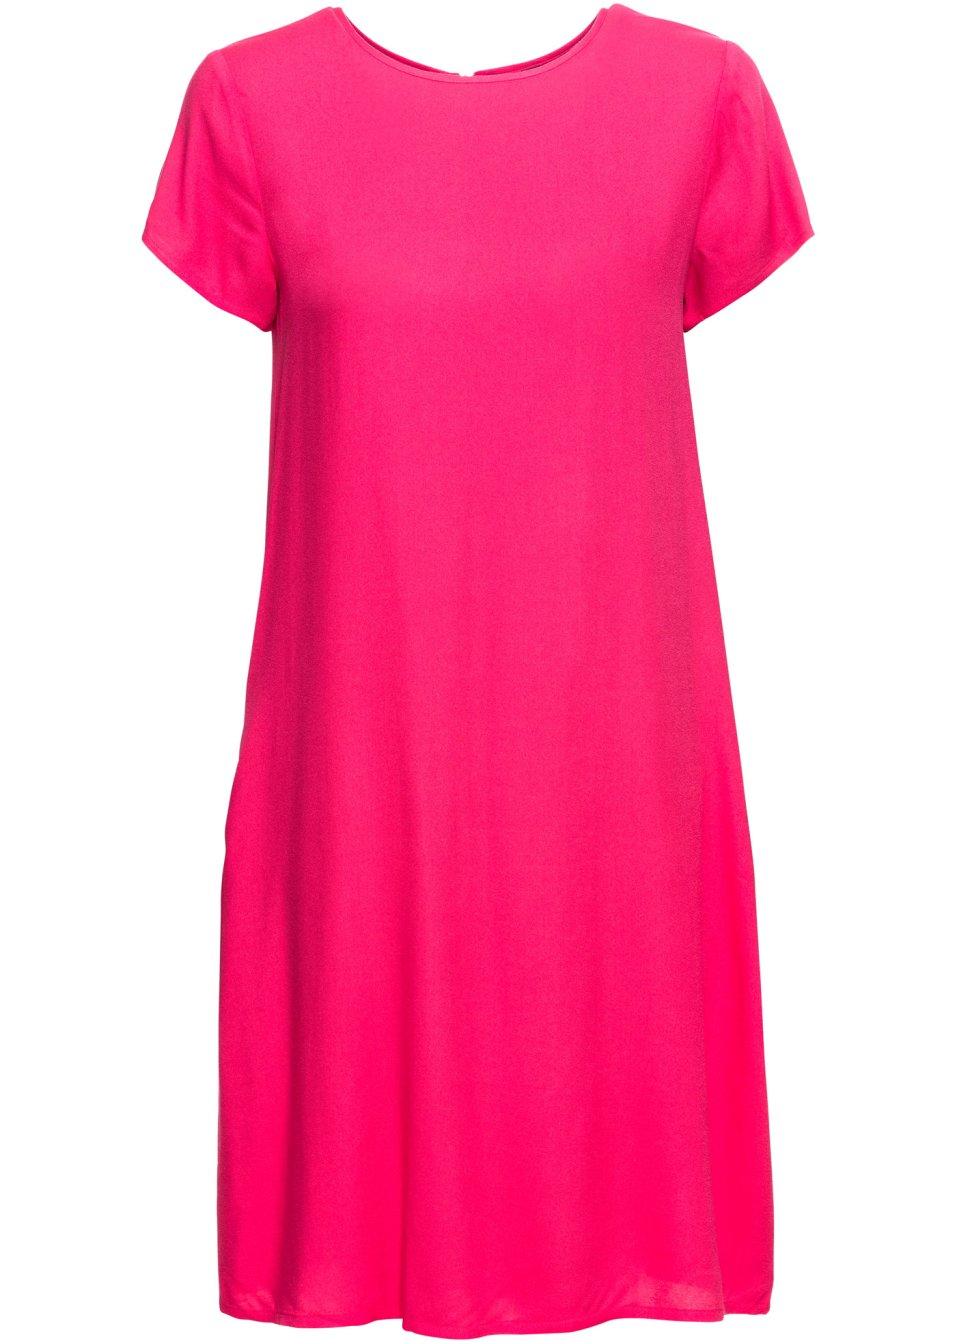 Kurzes Kleid mit Reißverschluss hinten und Taschen - hibiskuspink 66FEK rQLw4